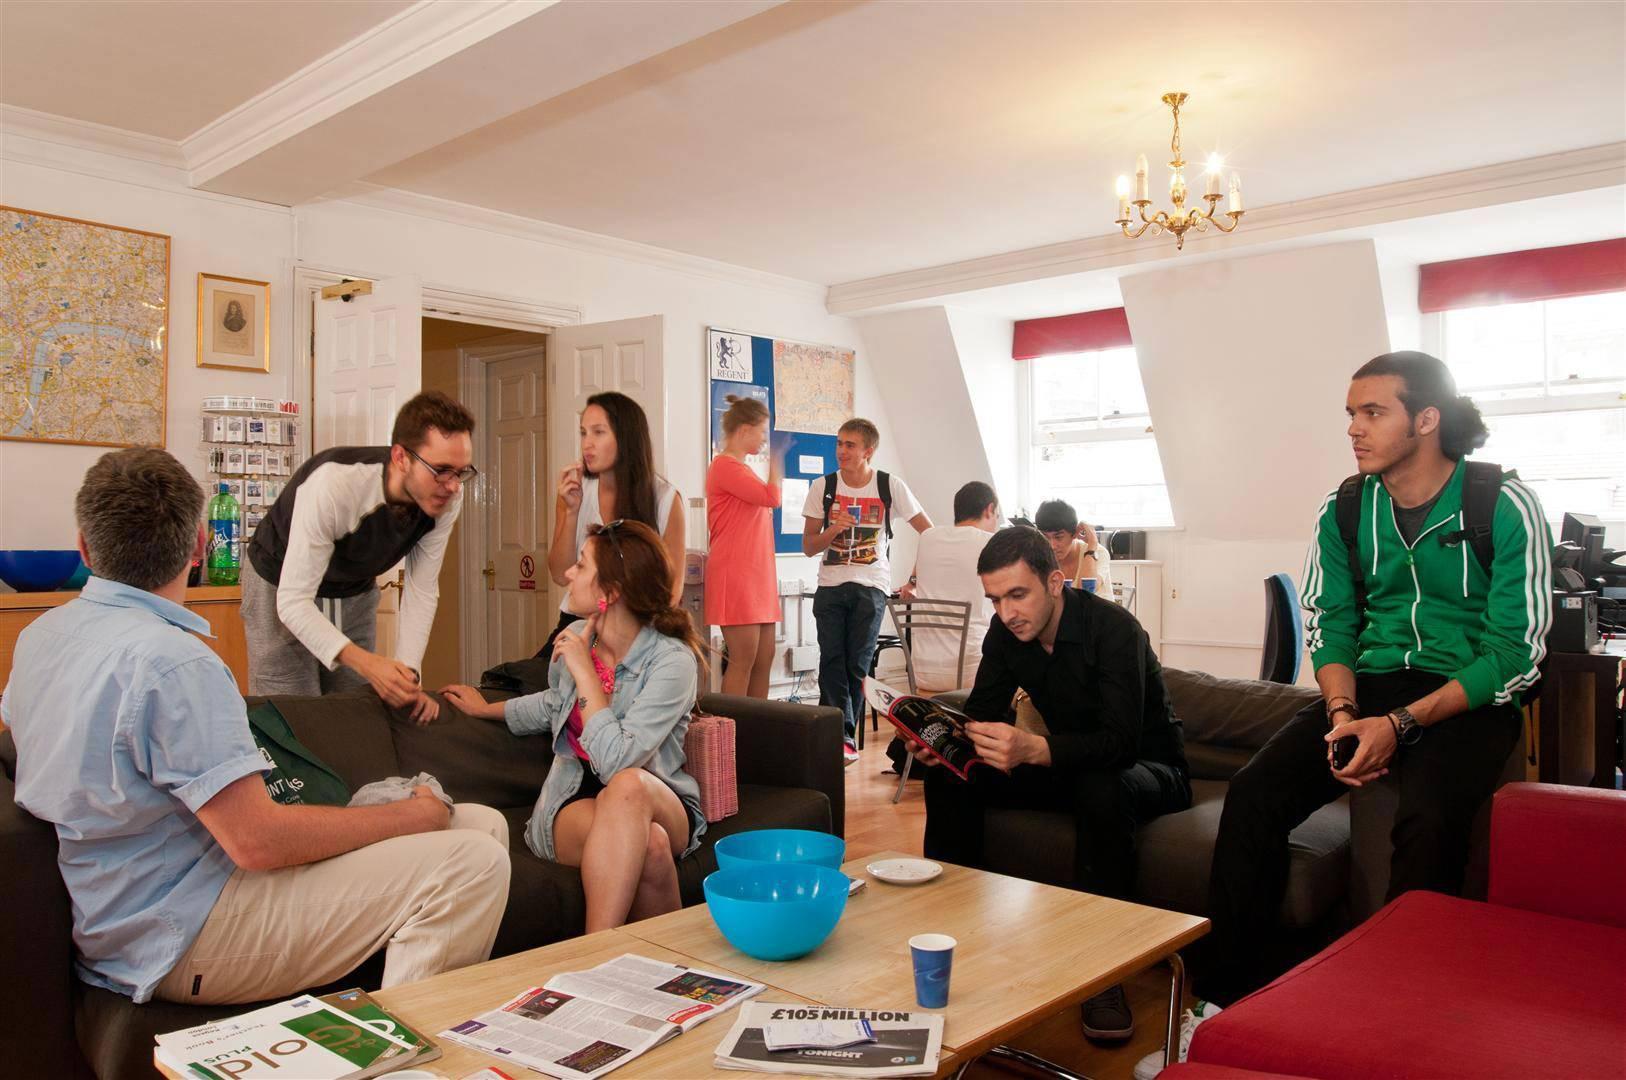 Языковые курсы в англии, обучение английскому языку в великобритании – цены star academy